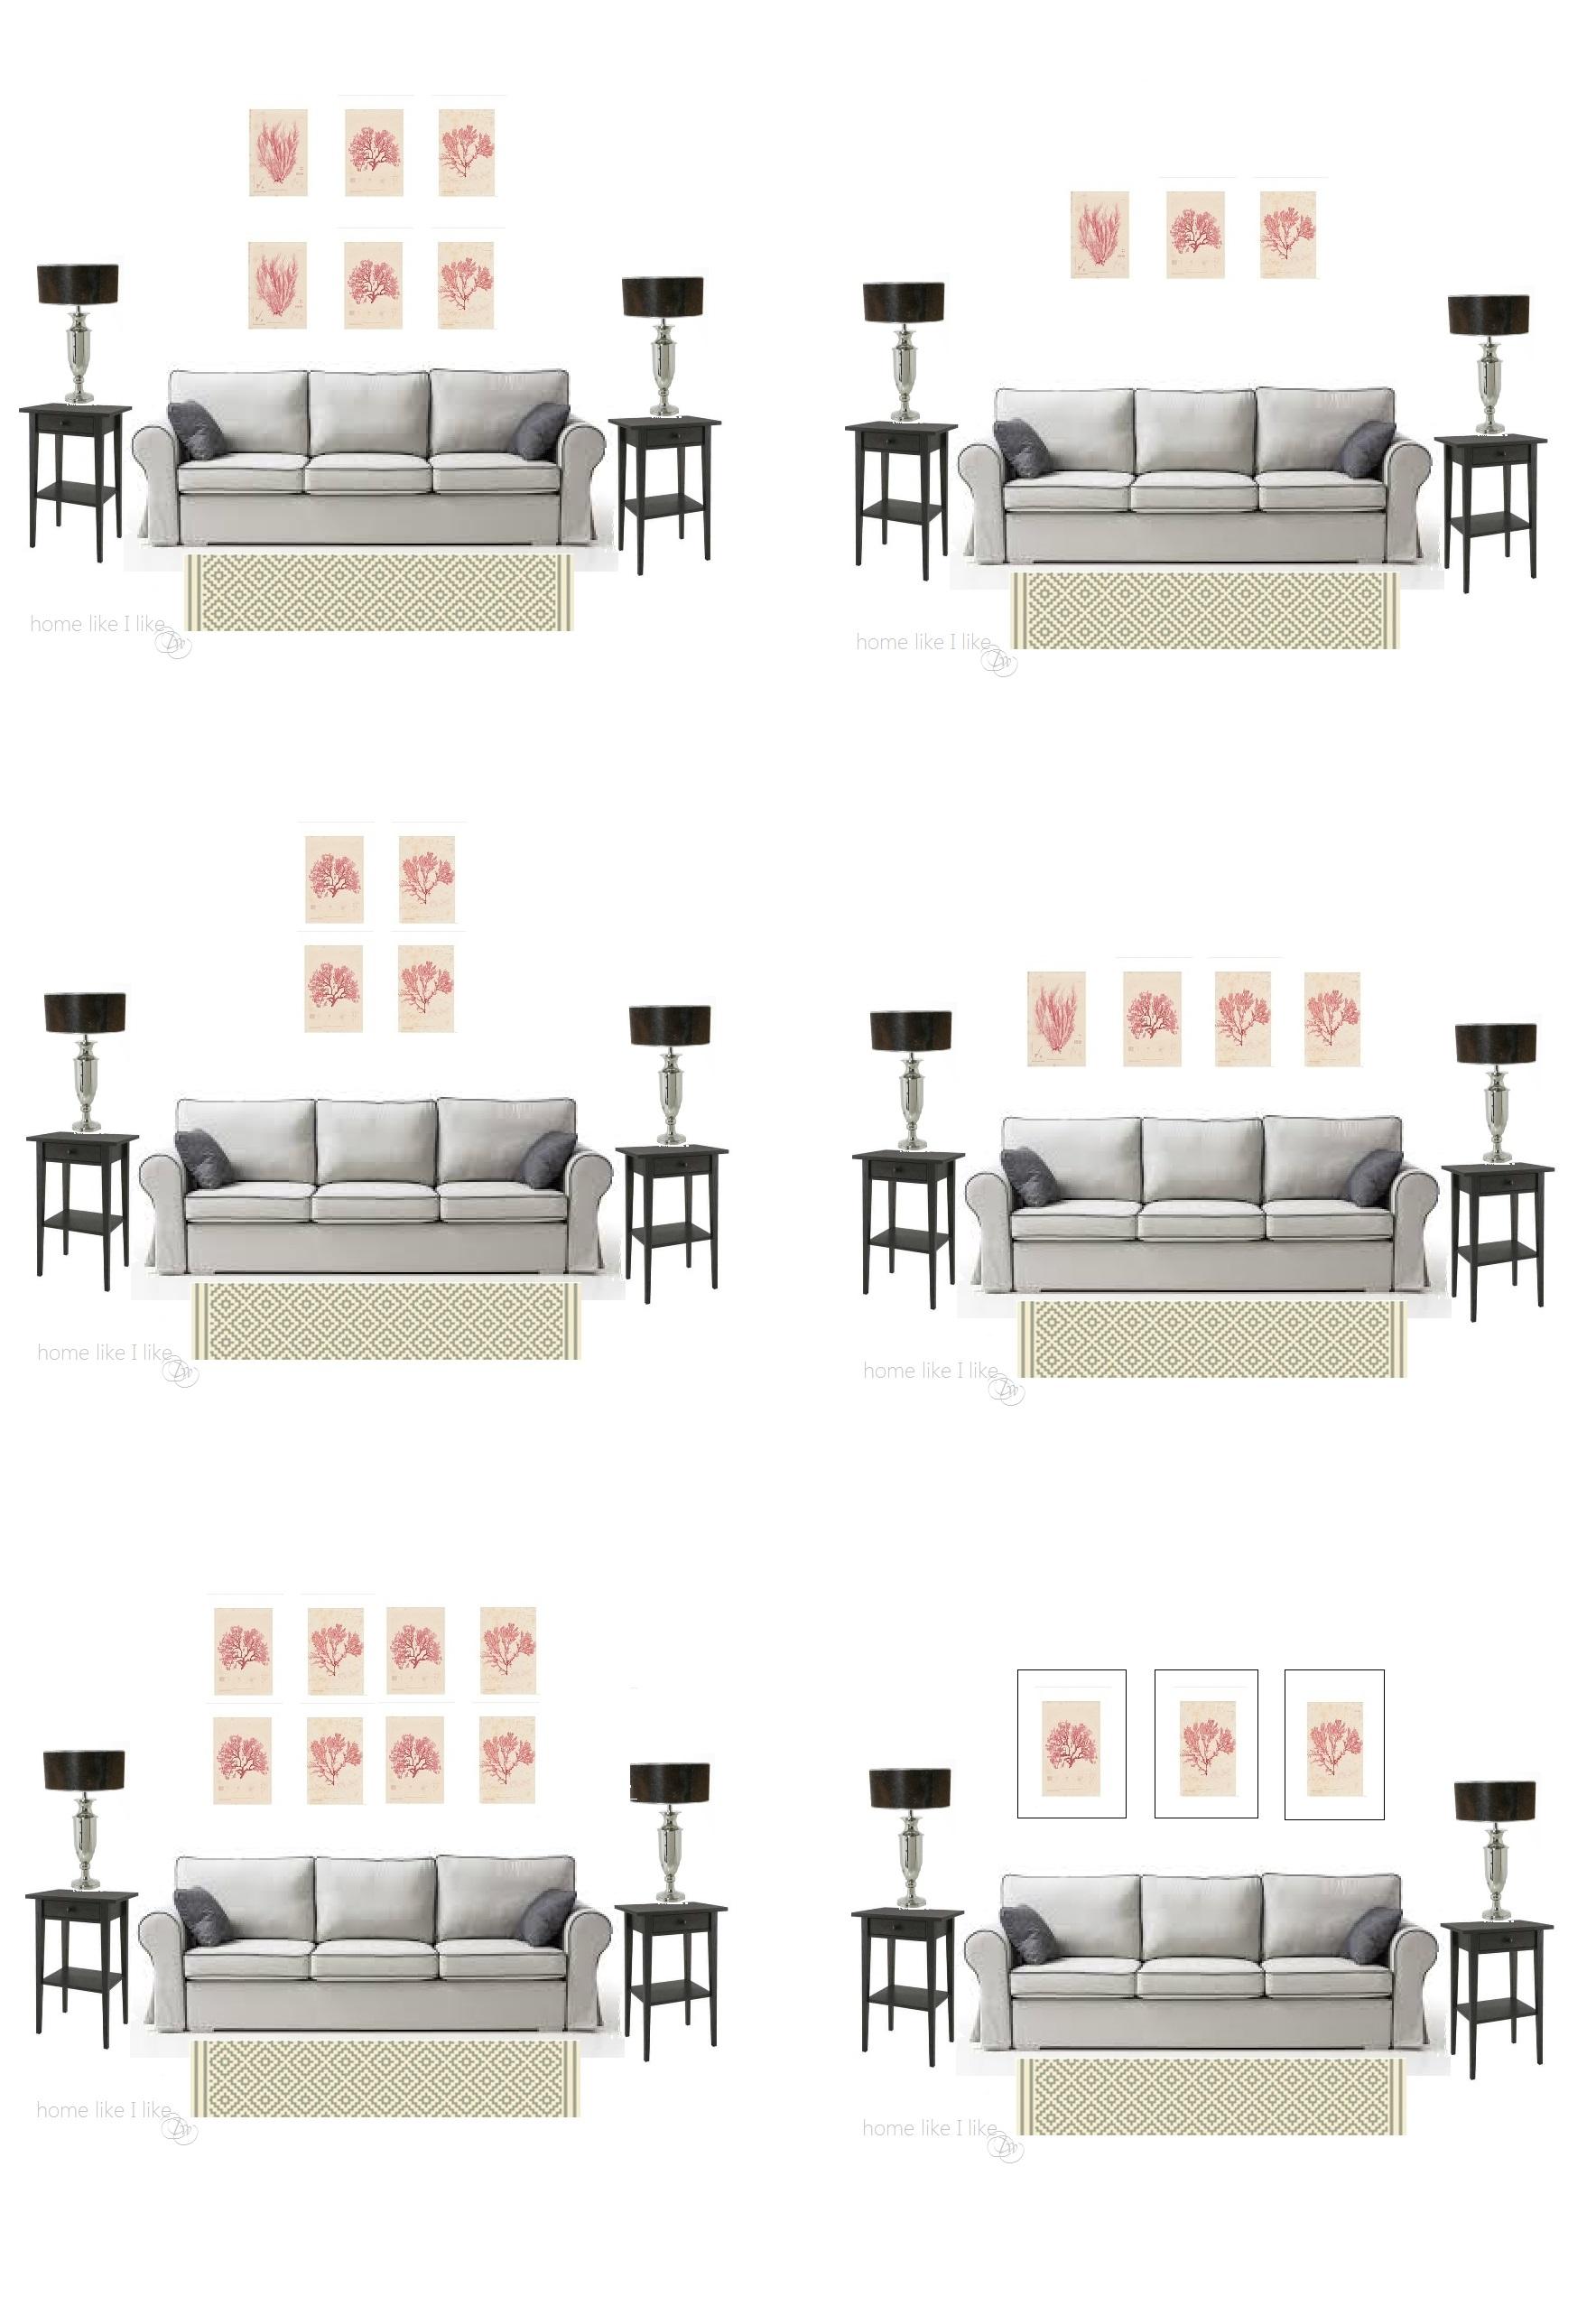 pierwsze mieszkanie - wall gallery - homelikeilike.com